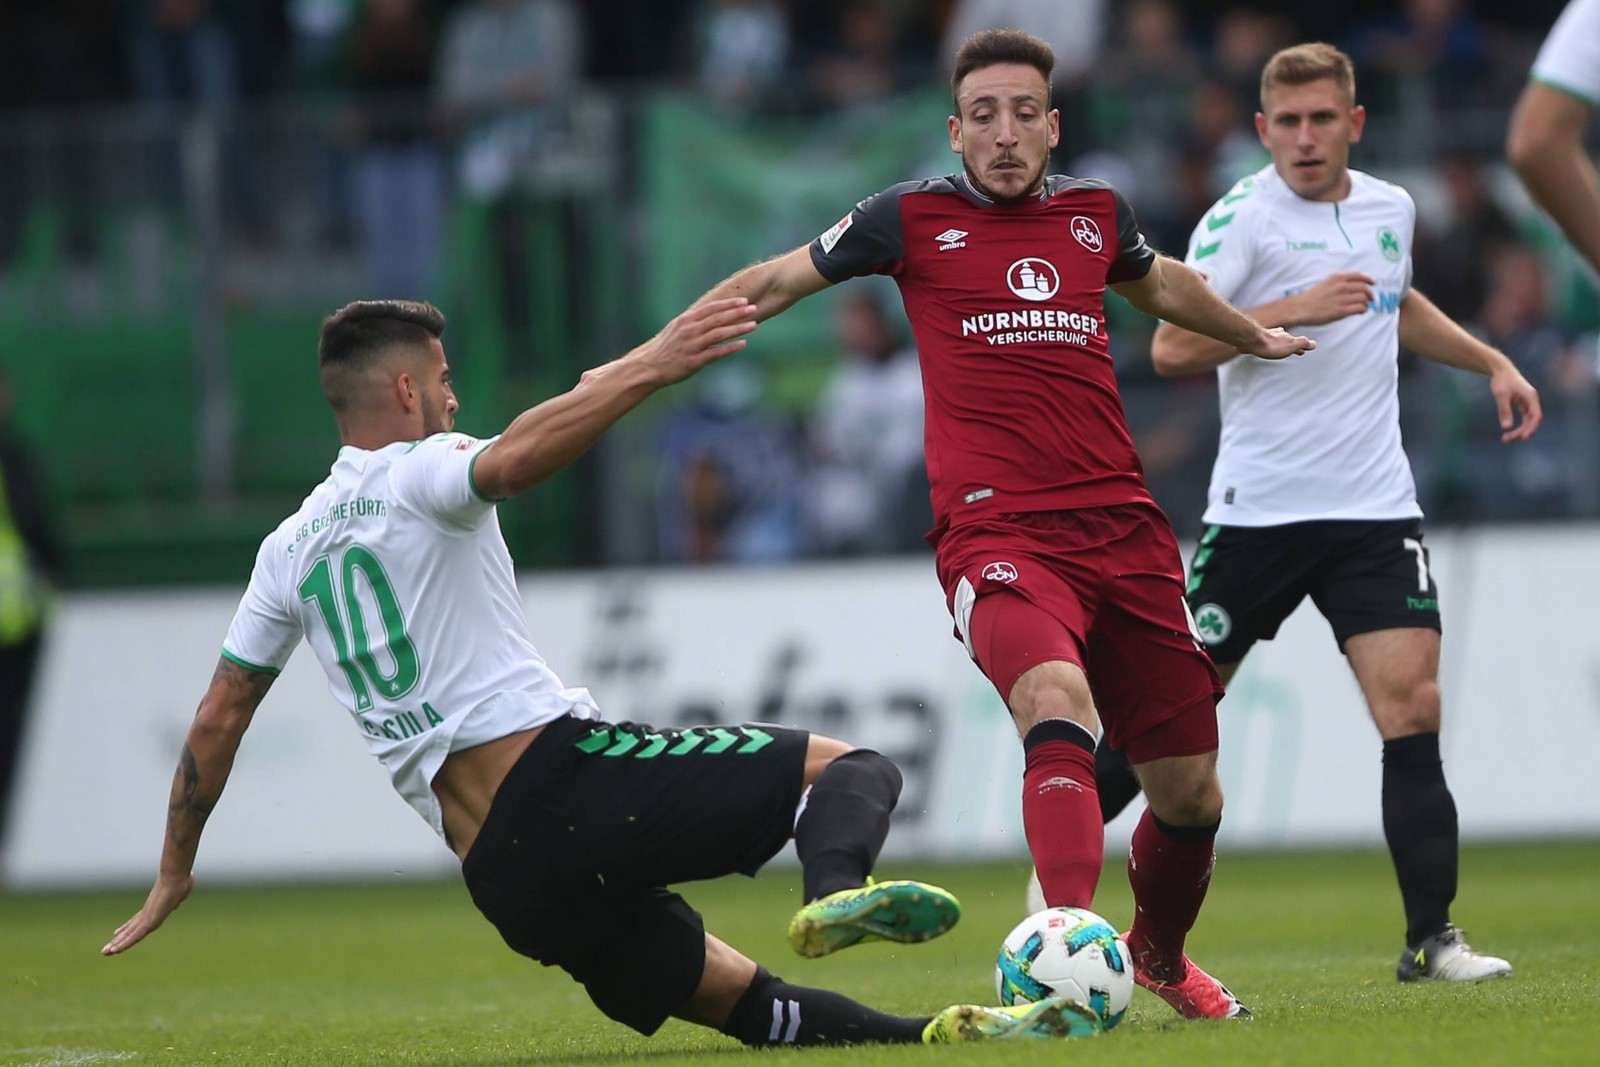 Kevin Möhwald vom 1. FC Nürnberg gegen Jürgen Gjasula von Greuther Fürth